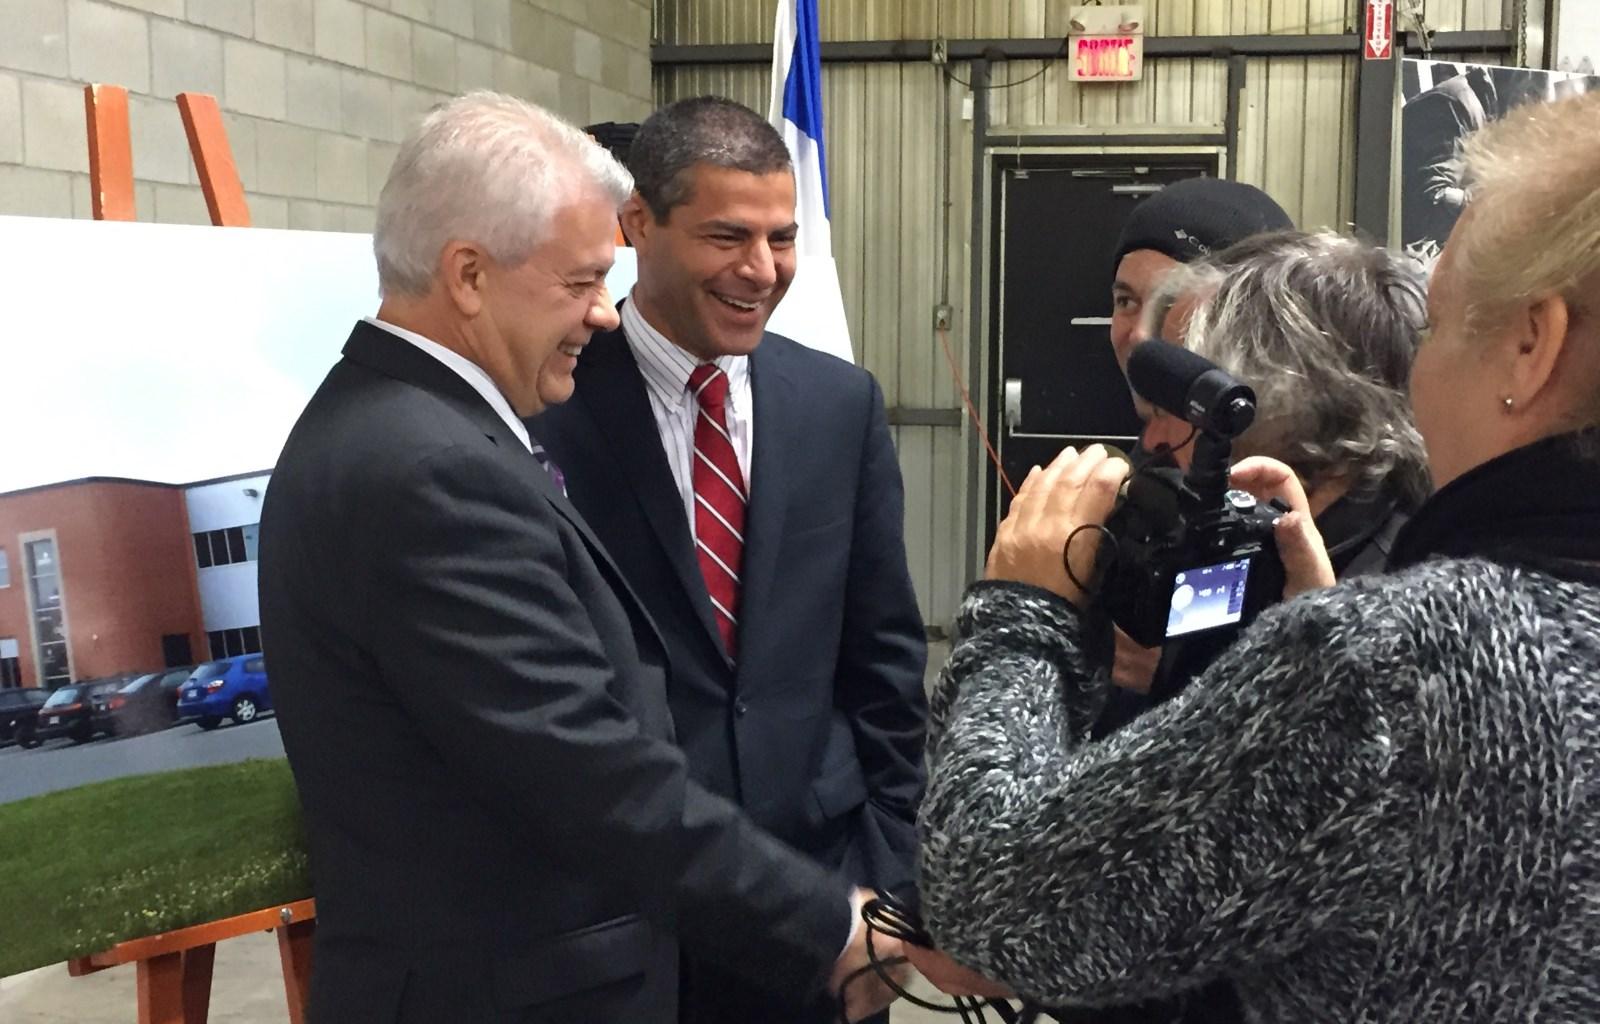 Le président de la CDEVR, M. Johnny Izzi, accompagné du maire de Victoriaville, M. Alain Rayes.